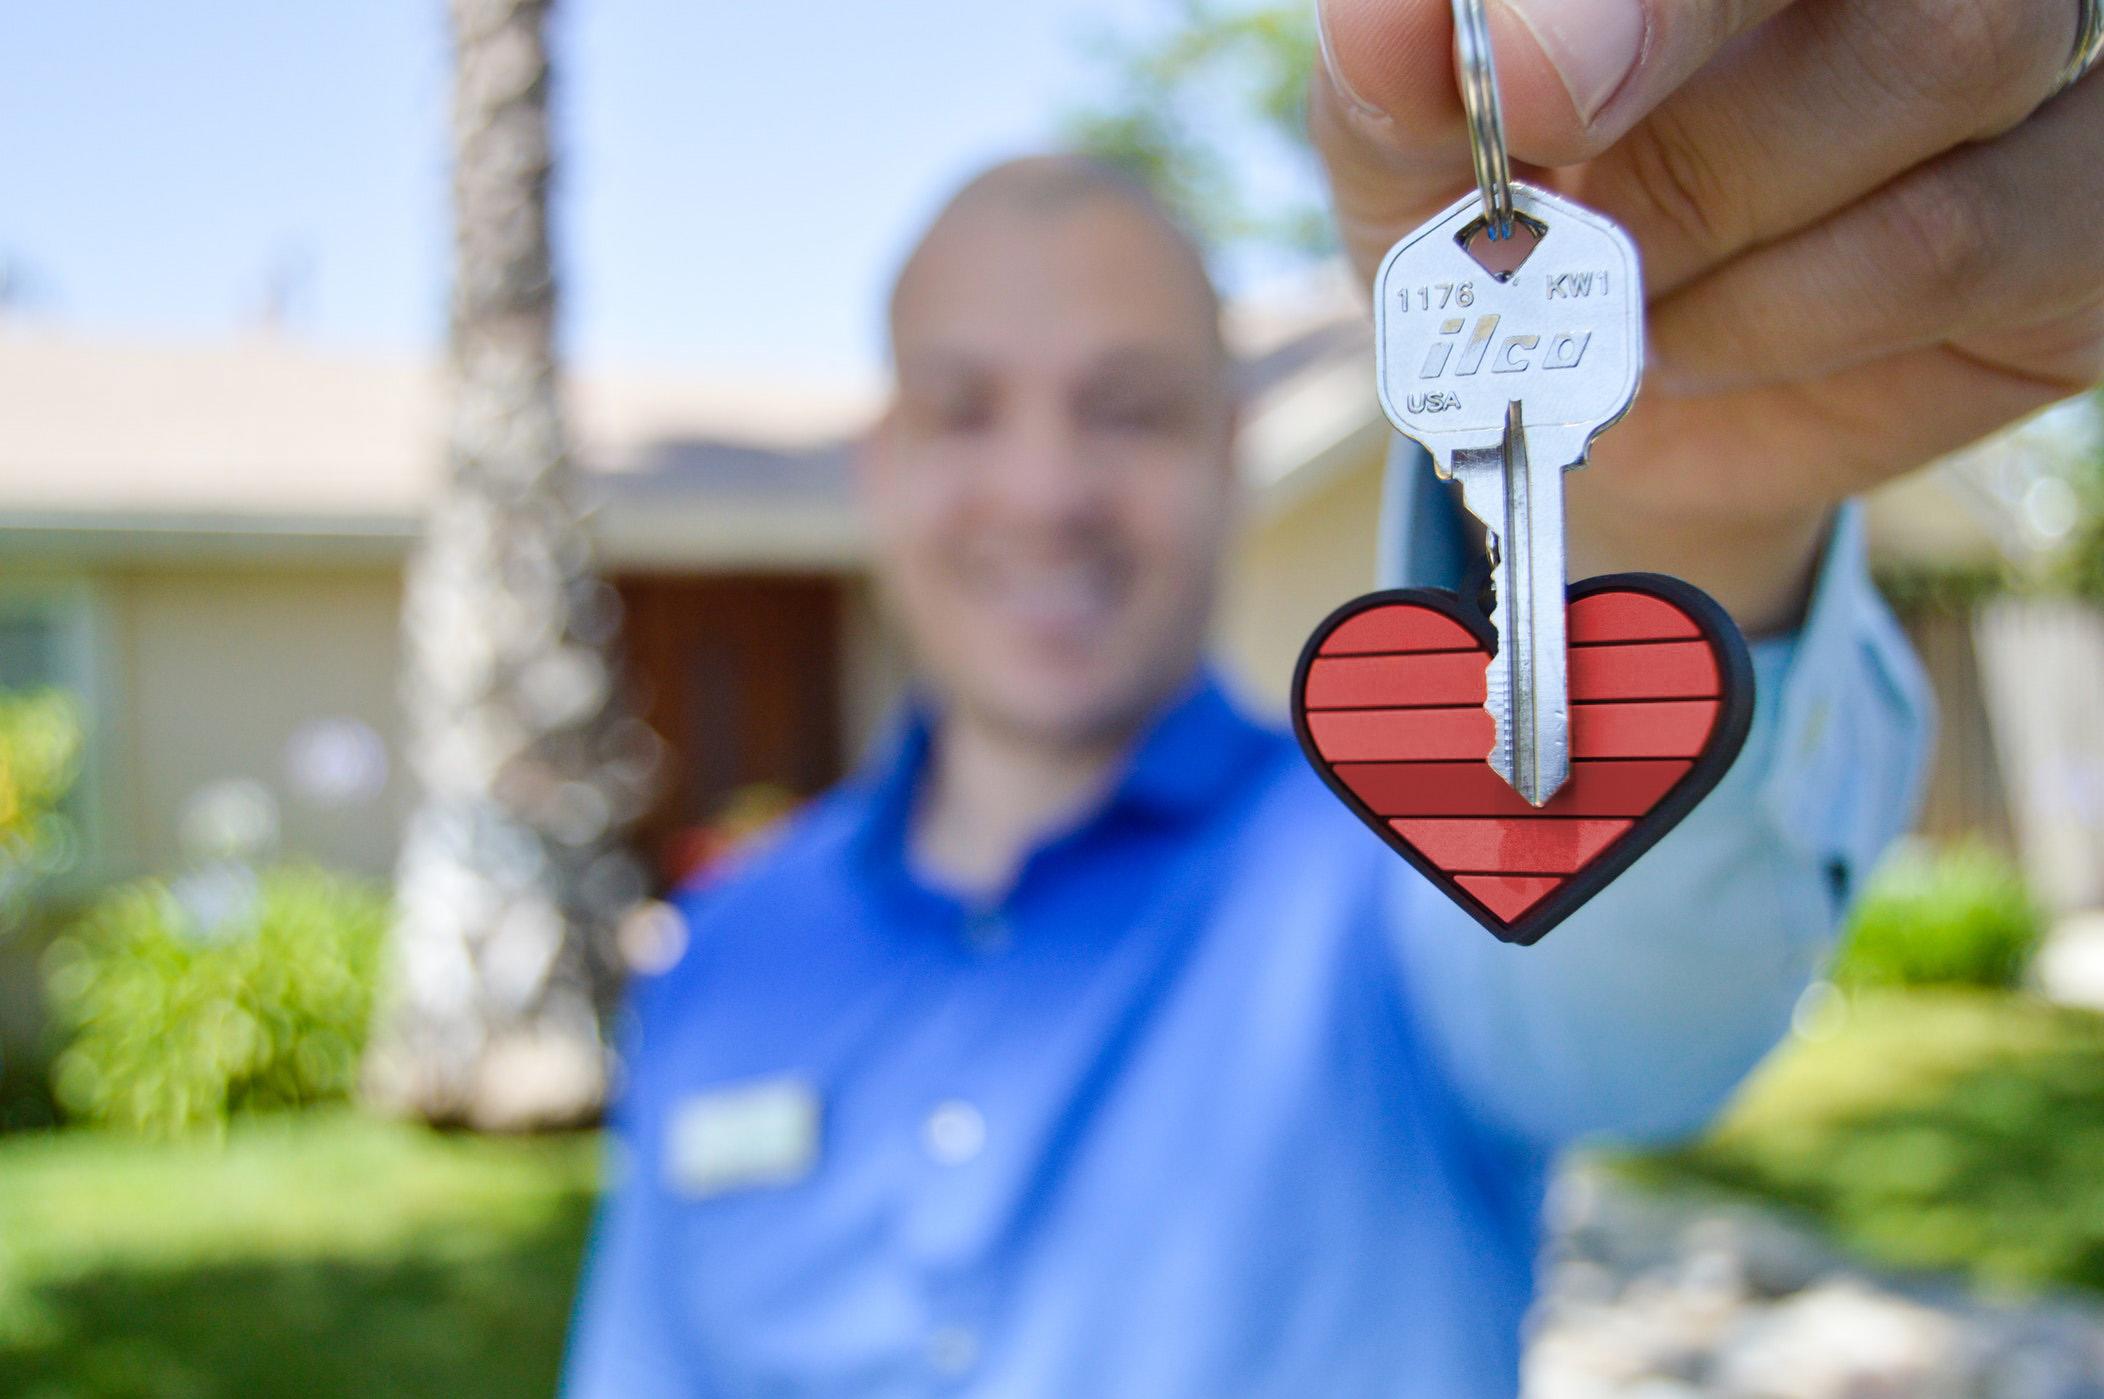 Servisco - agent immobilier - marketing immobilier - photo immobilière - livret de présentation - meilleure agence de marketing immobilier